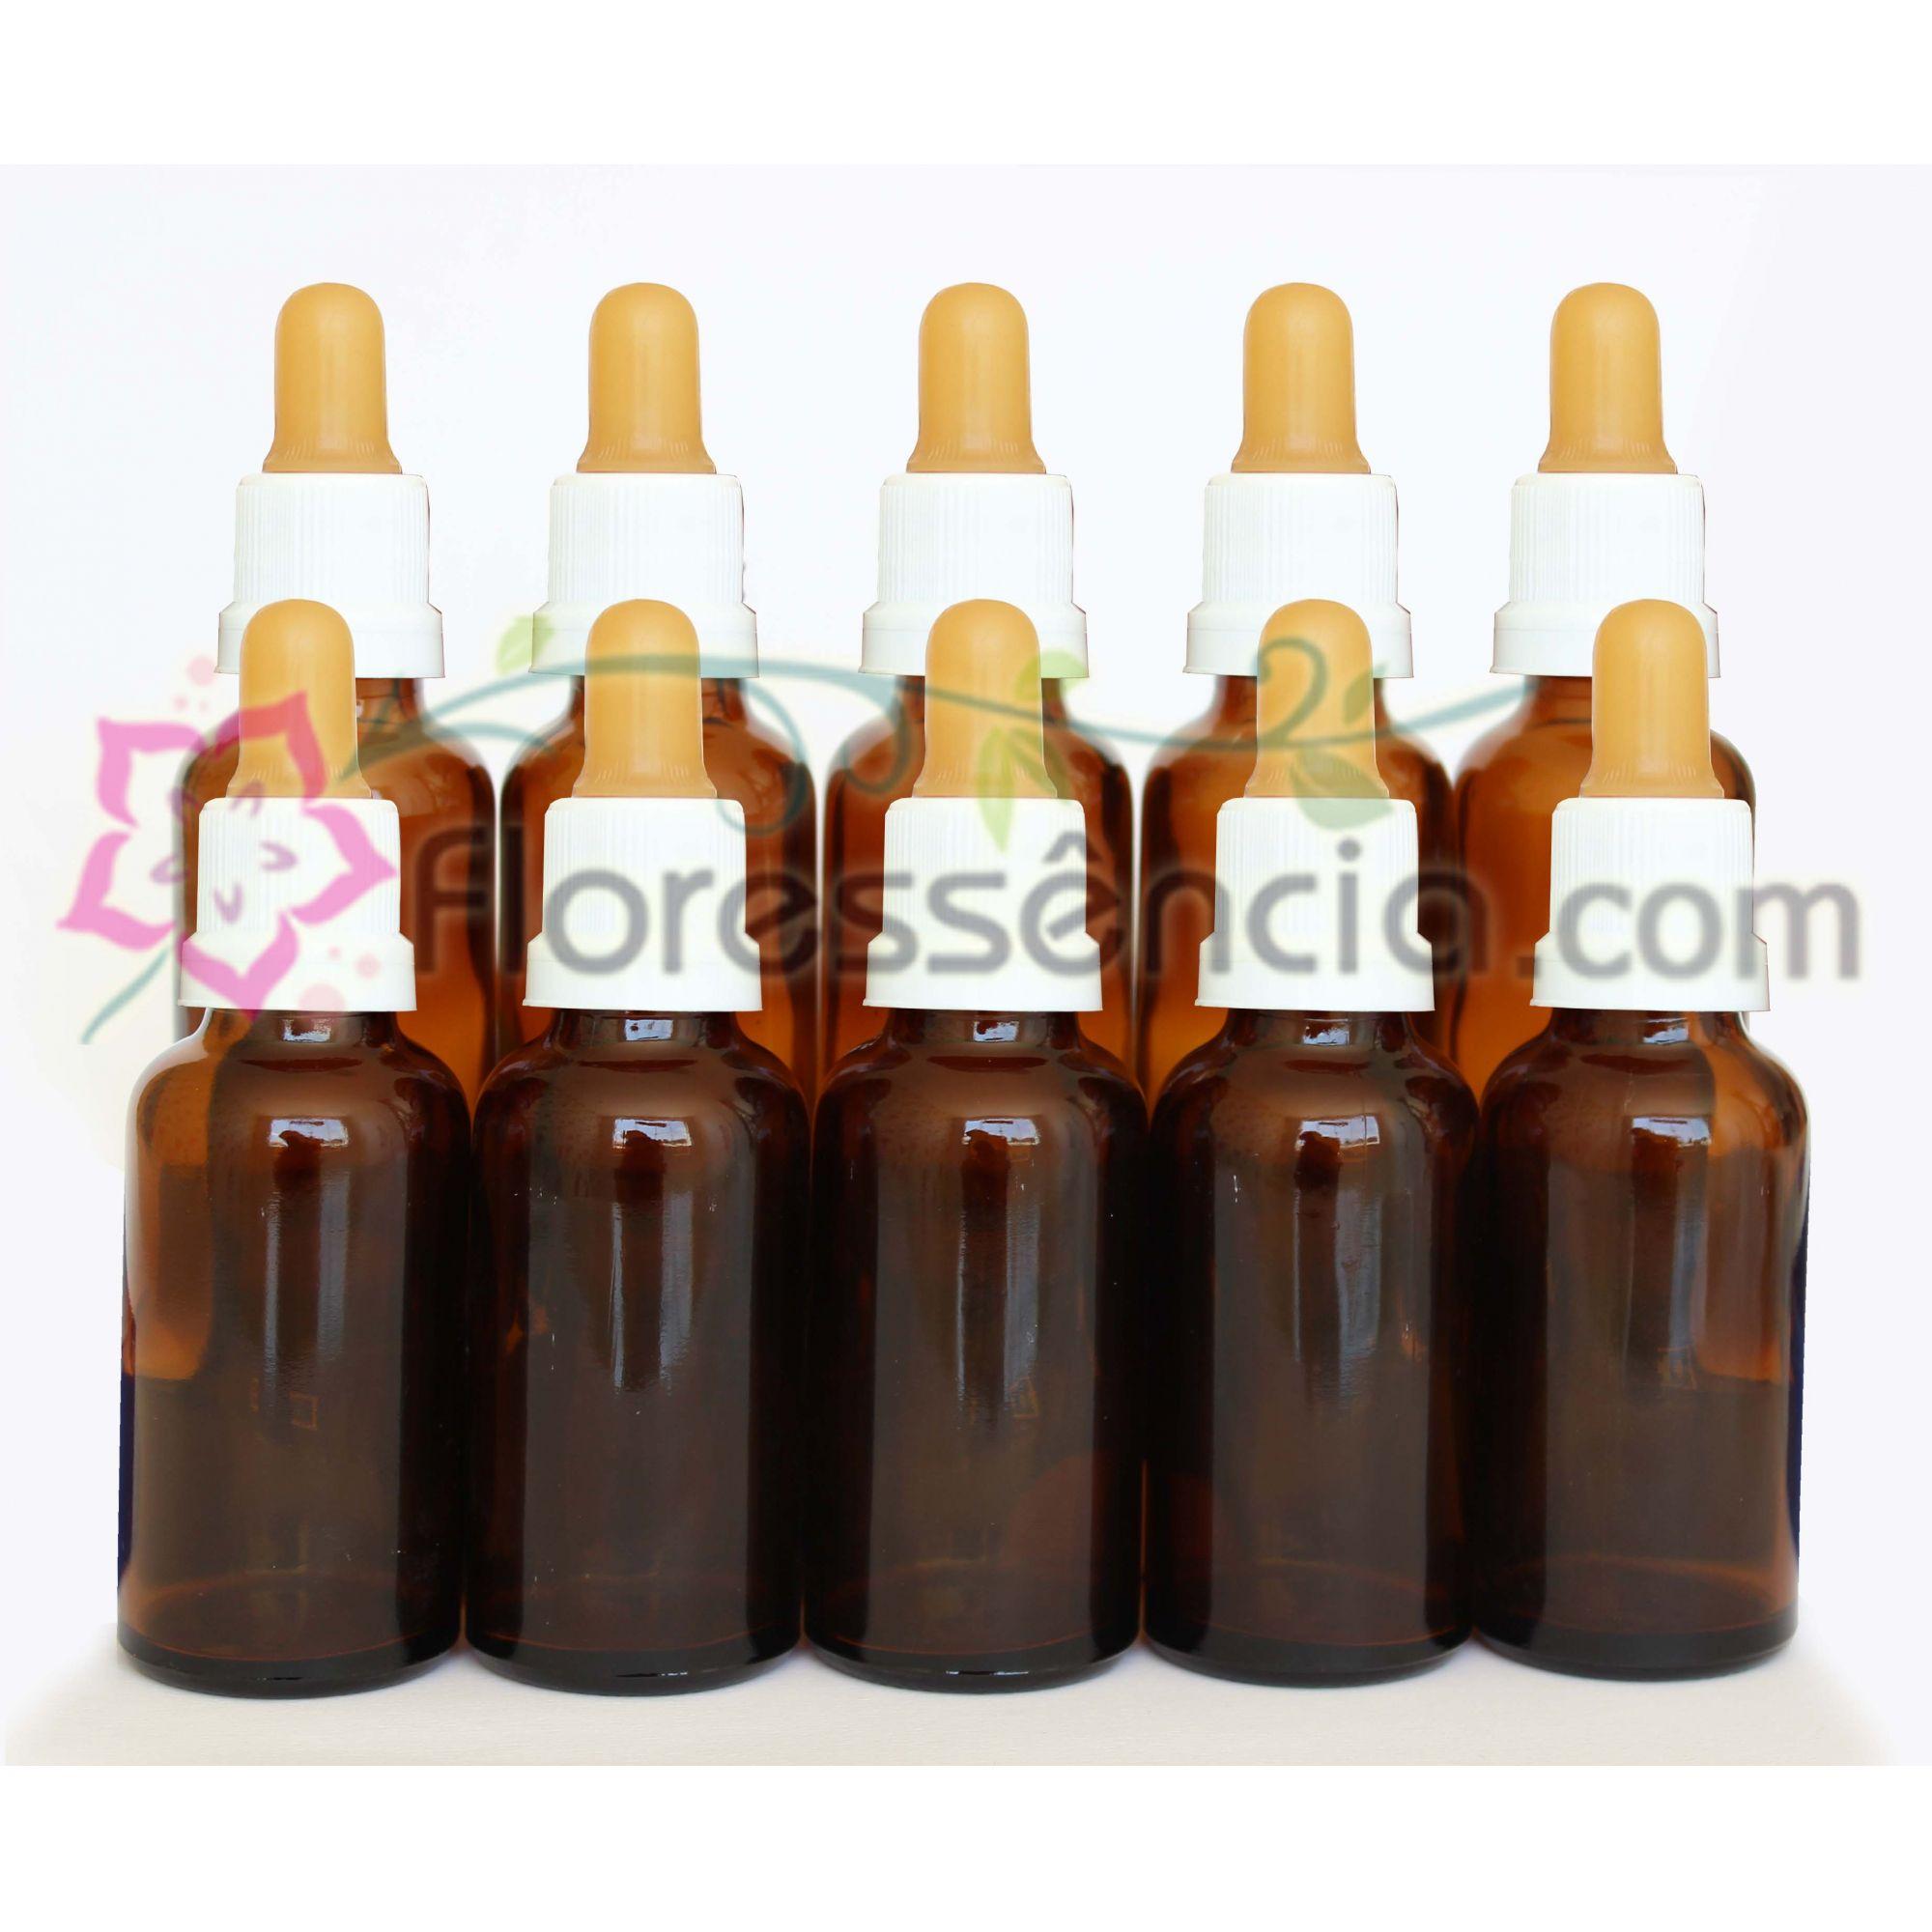 Kit de Vidros Âmbar - 30 ml (10 und)  - Floressência